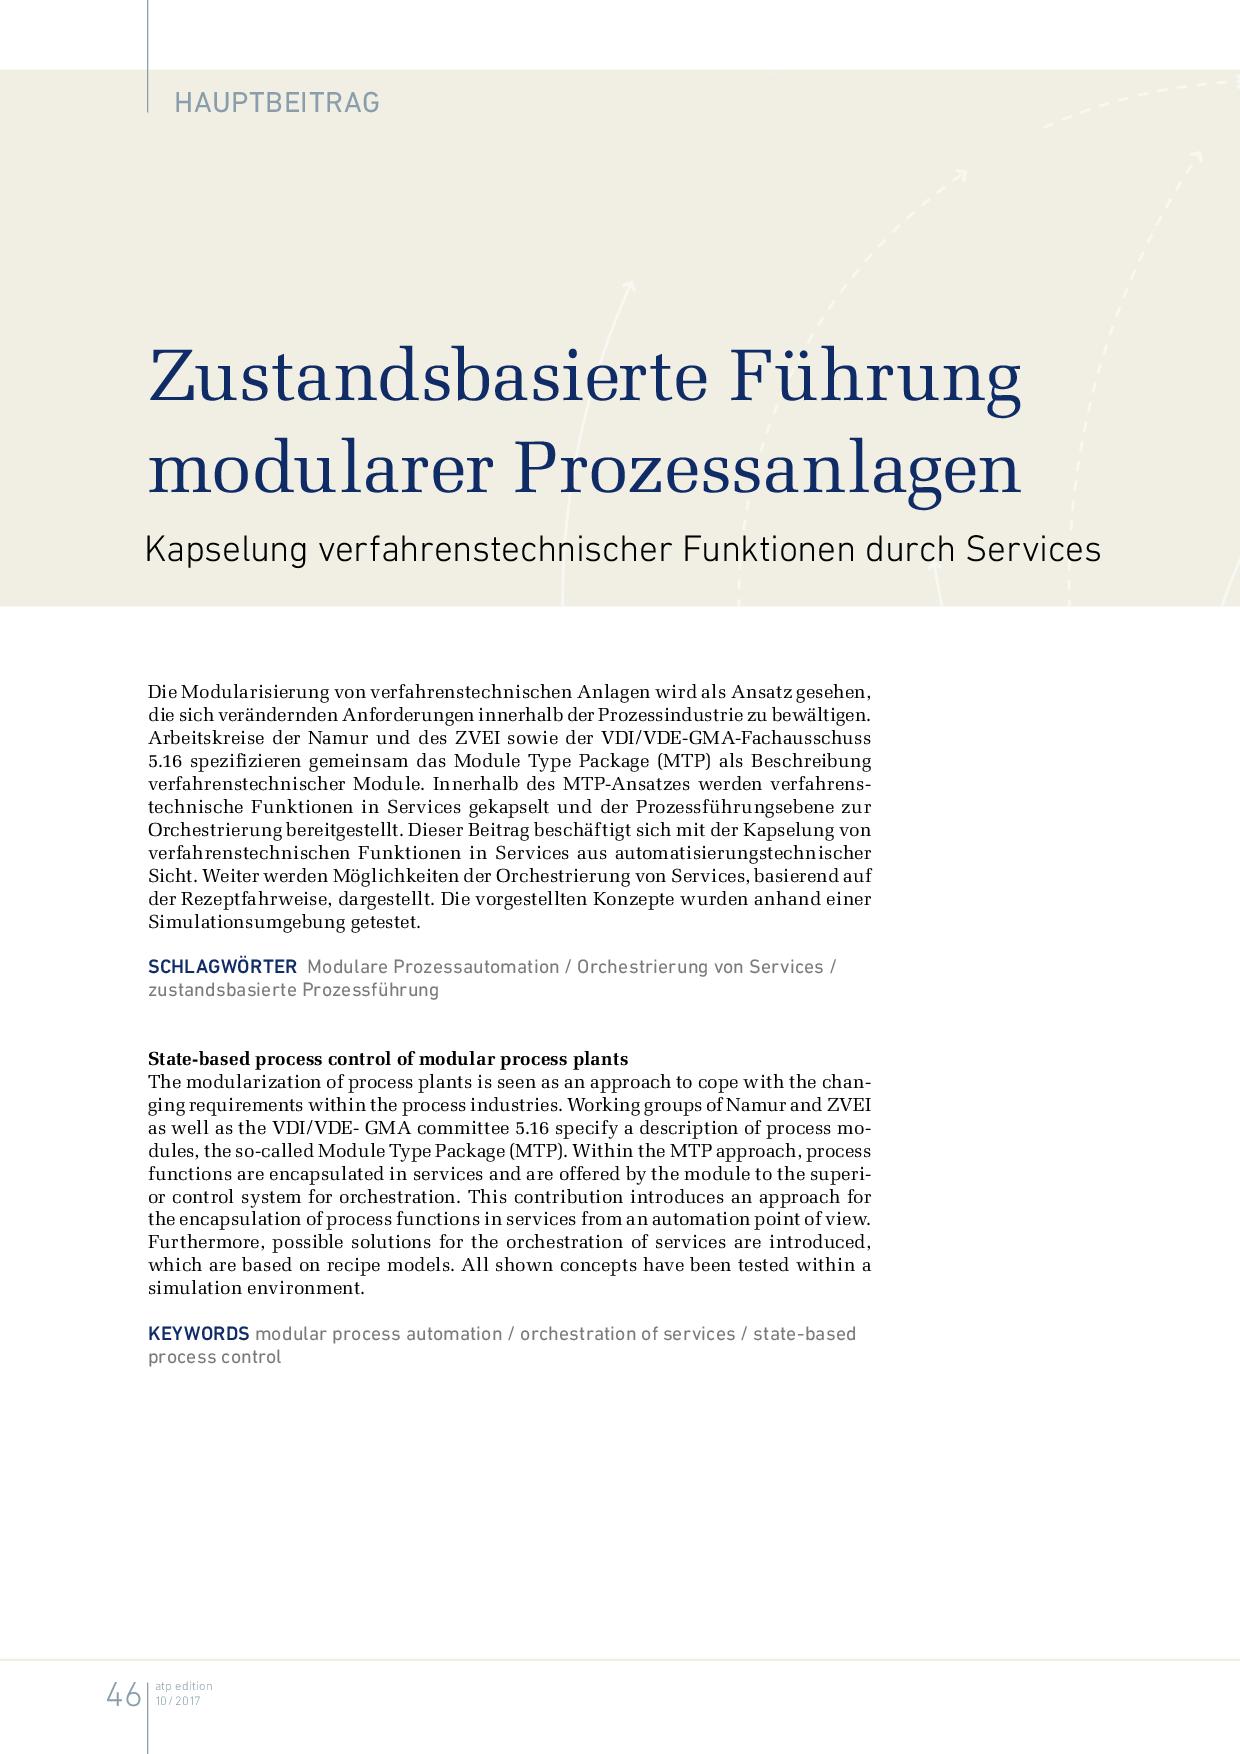 Zustandsbasierte Führung modularer Prozessanlagen